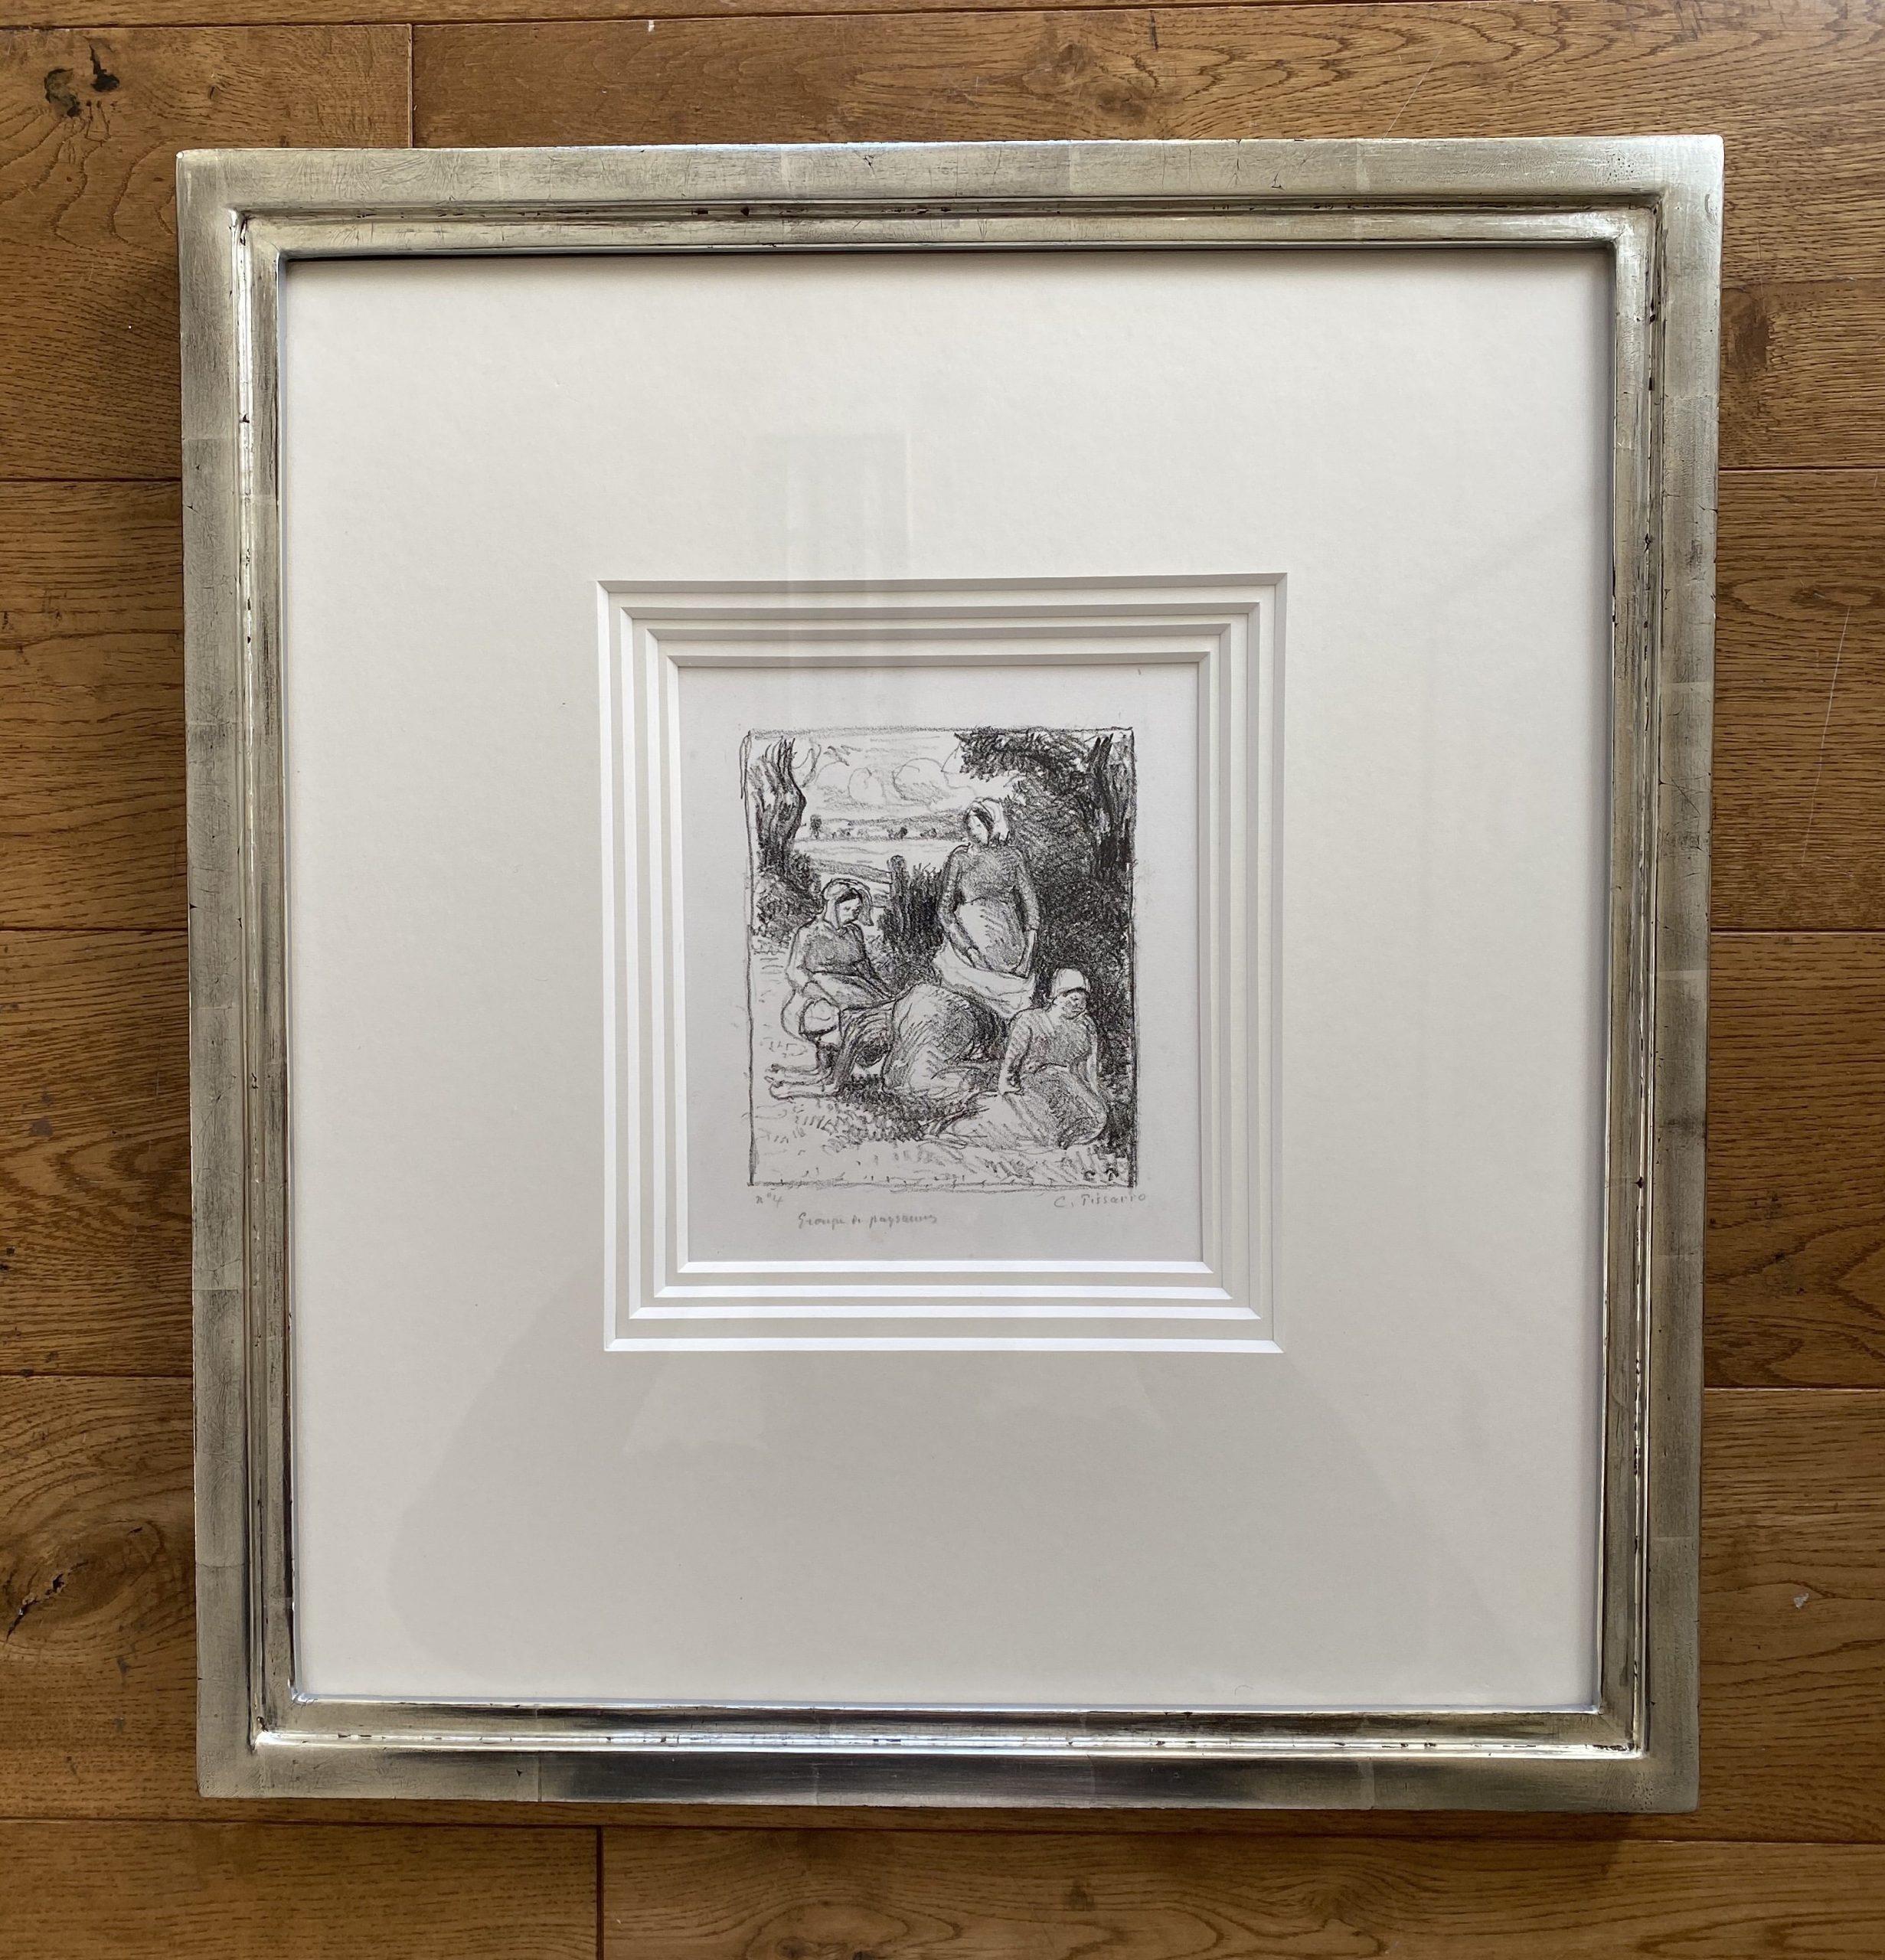 Group de paysans by Camille Pissarro